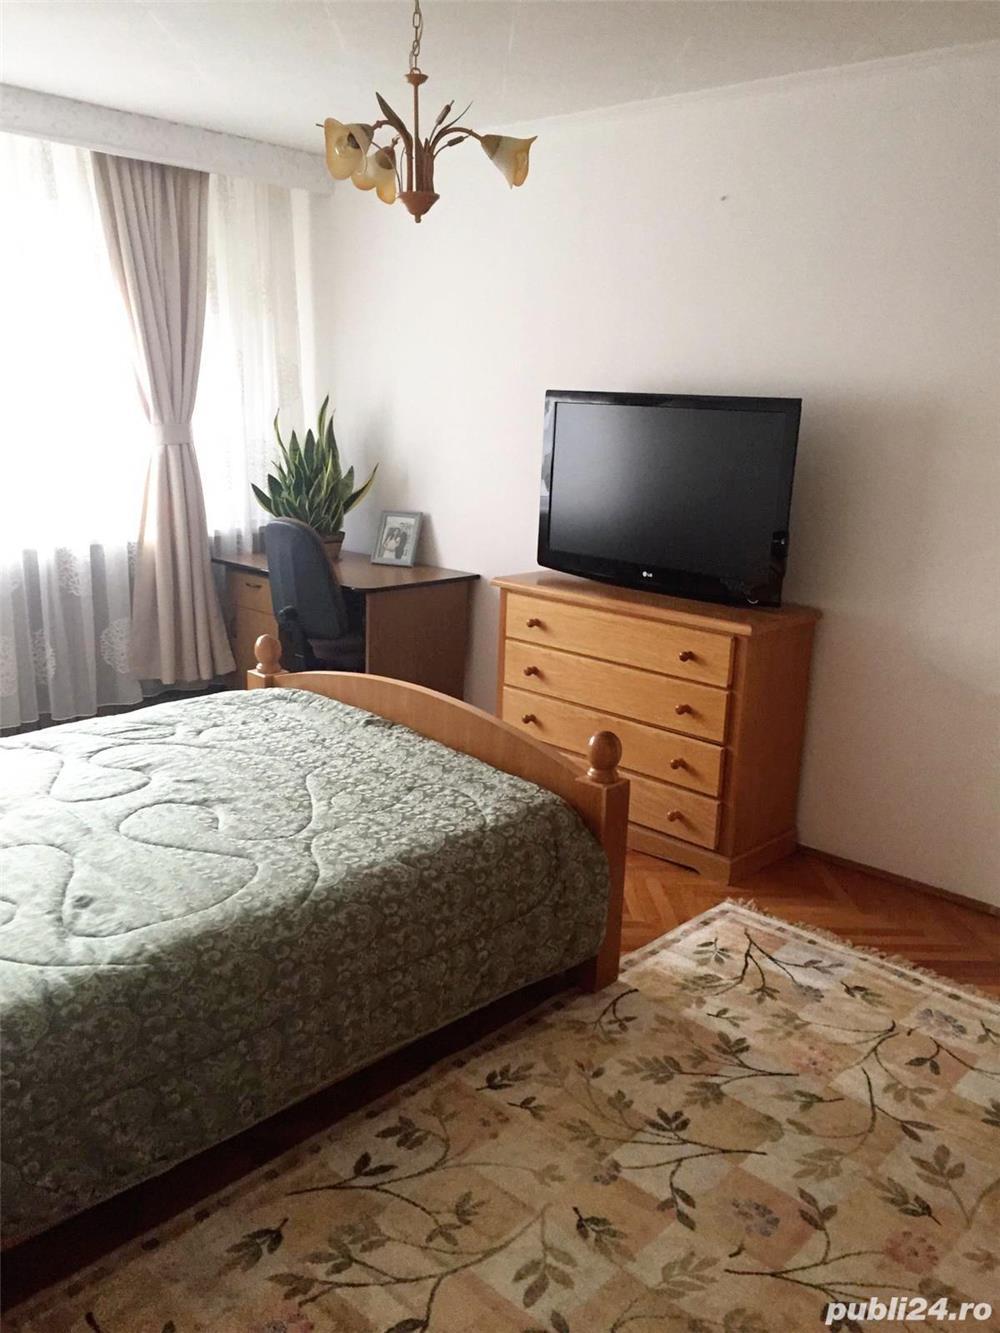 Vand apartament cu 3 camere, tip PB, zona Ramada